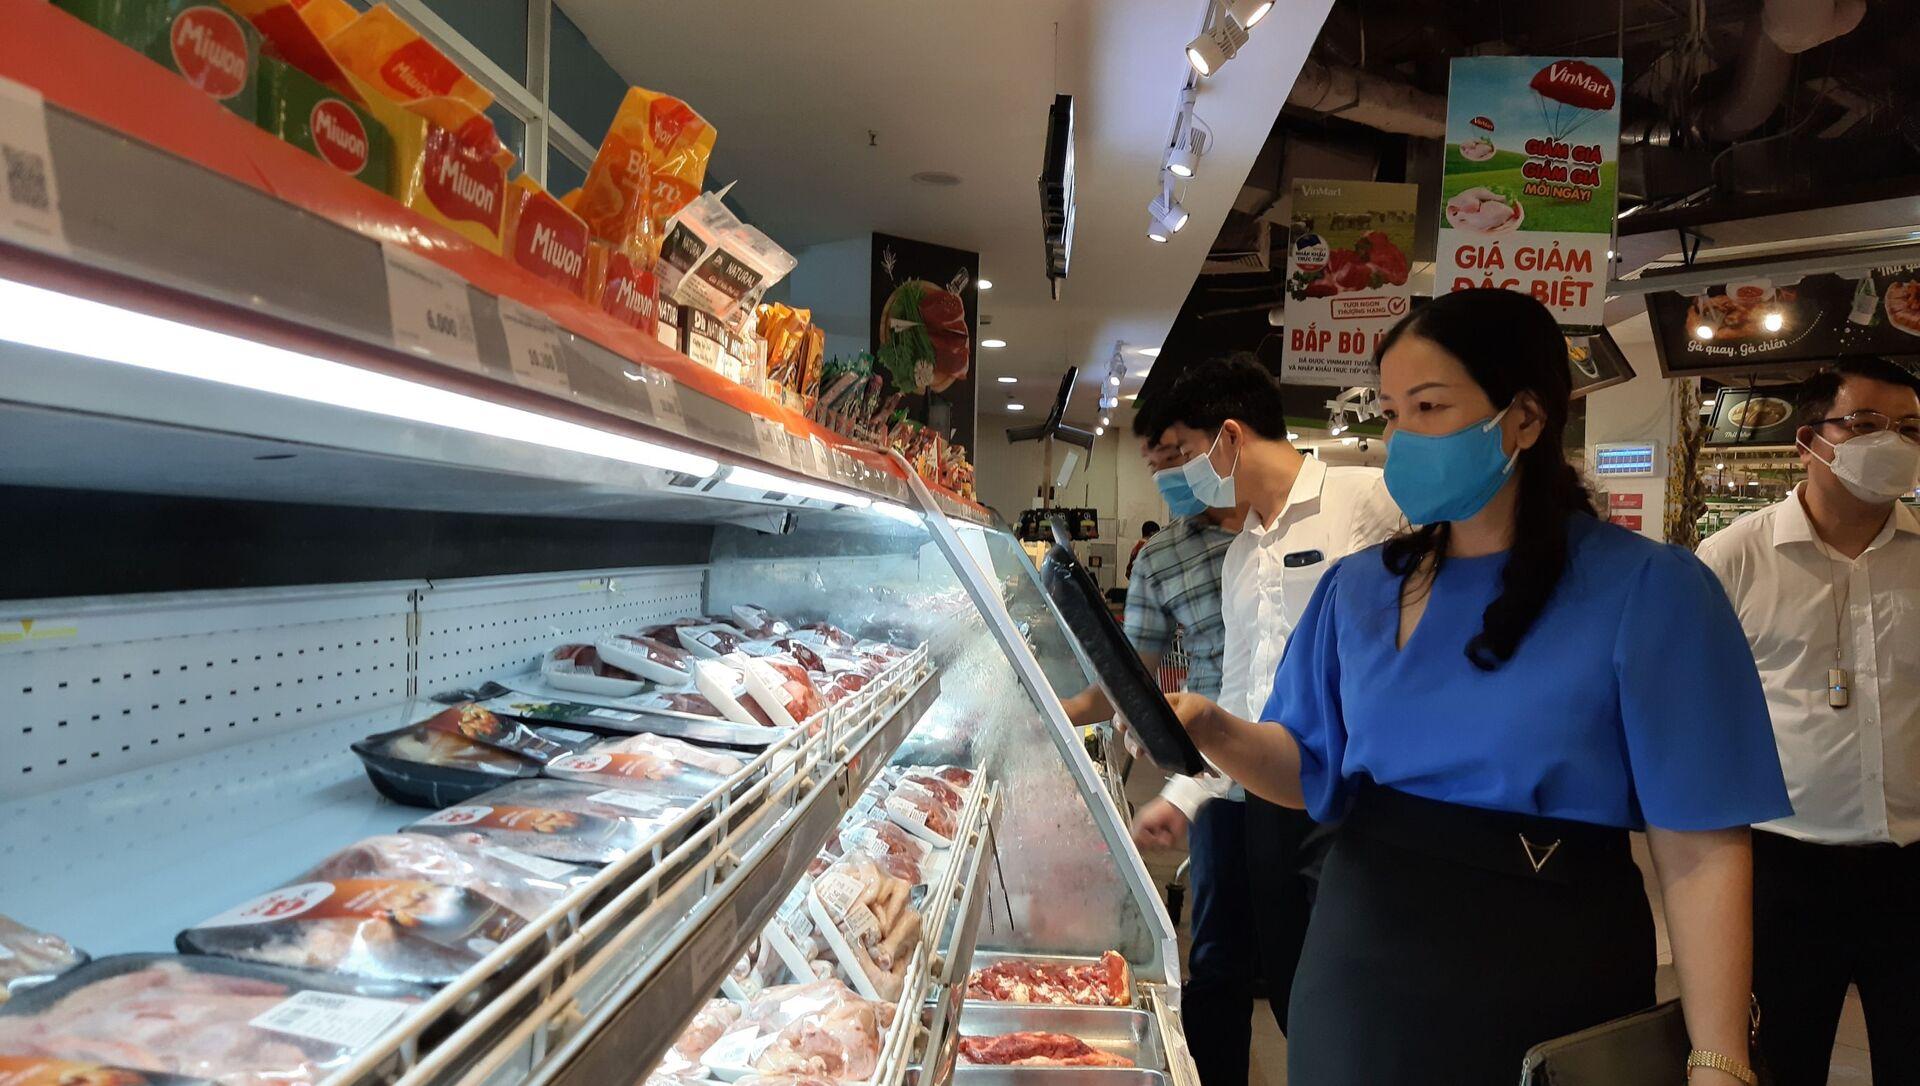 Đoàn kiểm tra của Sở Công Thương Hà Nội kiểm tra tại siêu thị Vinmart Trần Đăng Ninh (Cầu Giấy, Hà Nội) - Sputnik Việt Nam, 1920, 19.07.2021